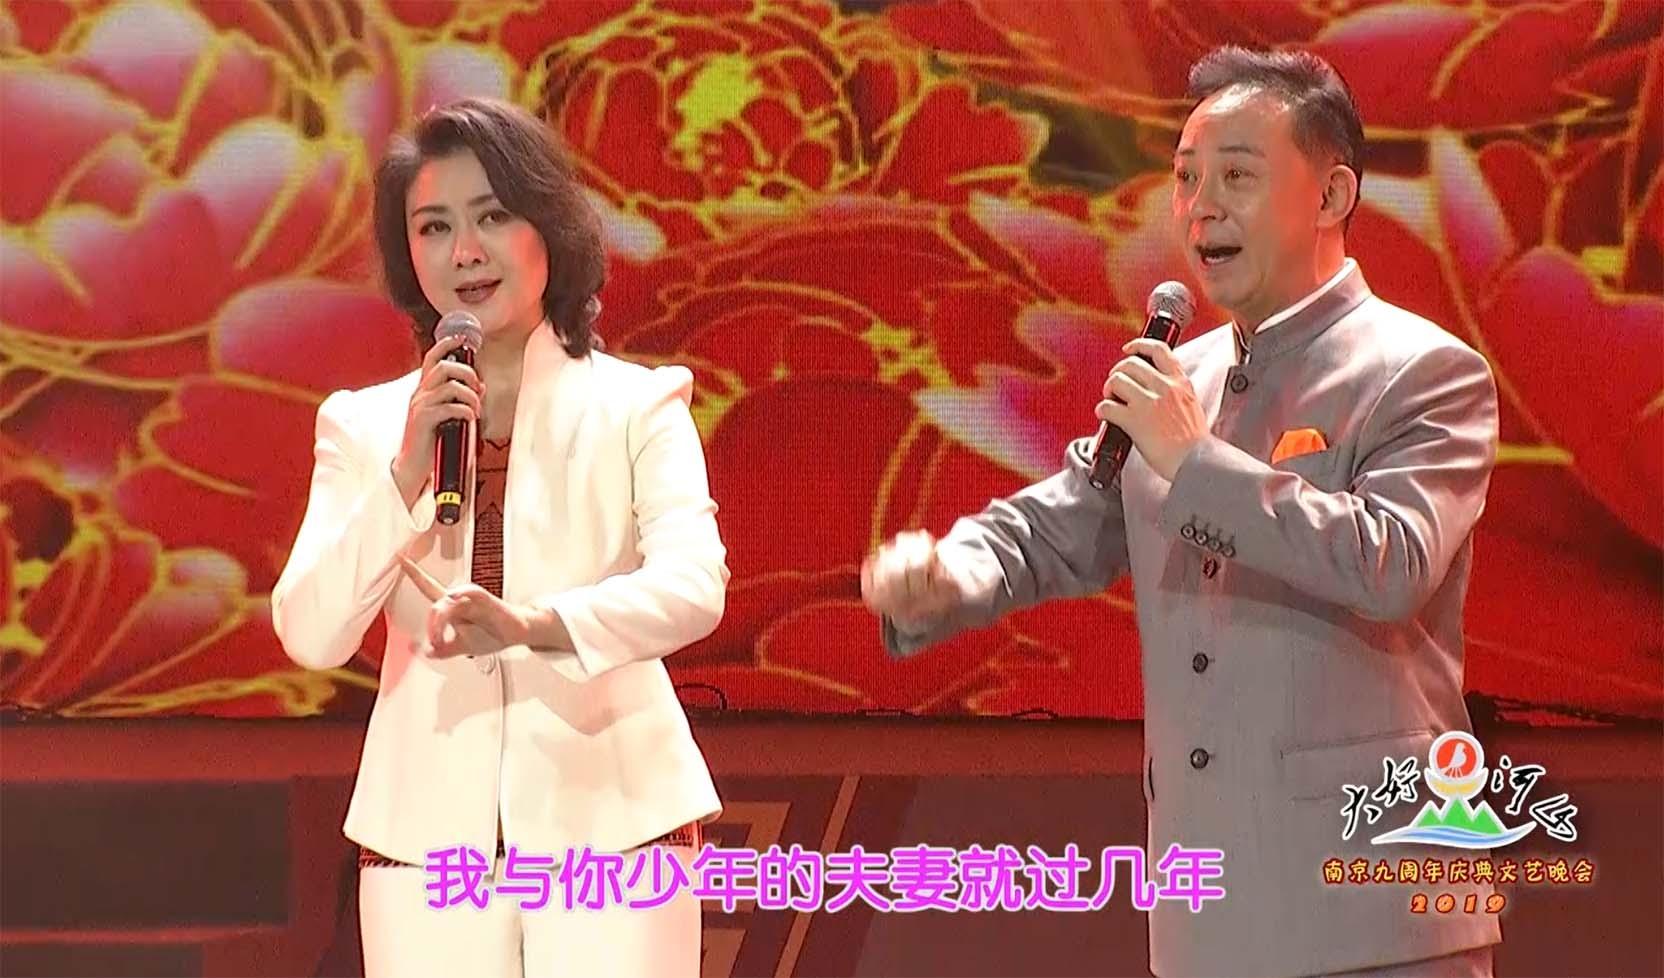 大好河山2019南京九周年庆典文艺晚会 京剧《武家坡》选段-于魁智-李胜素.